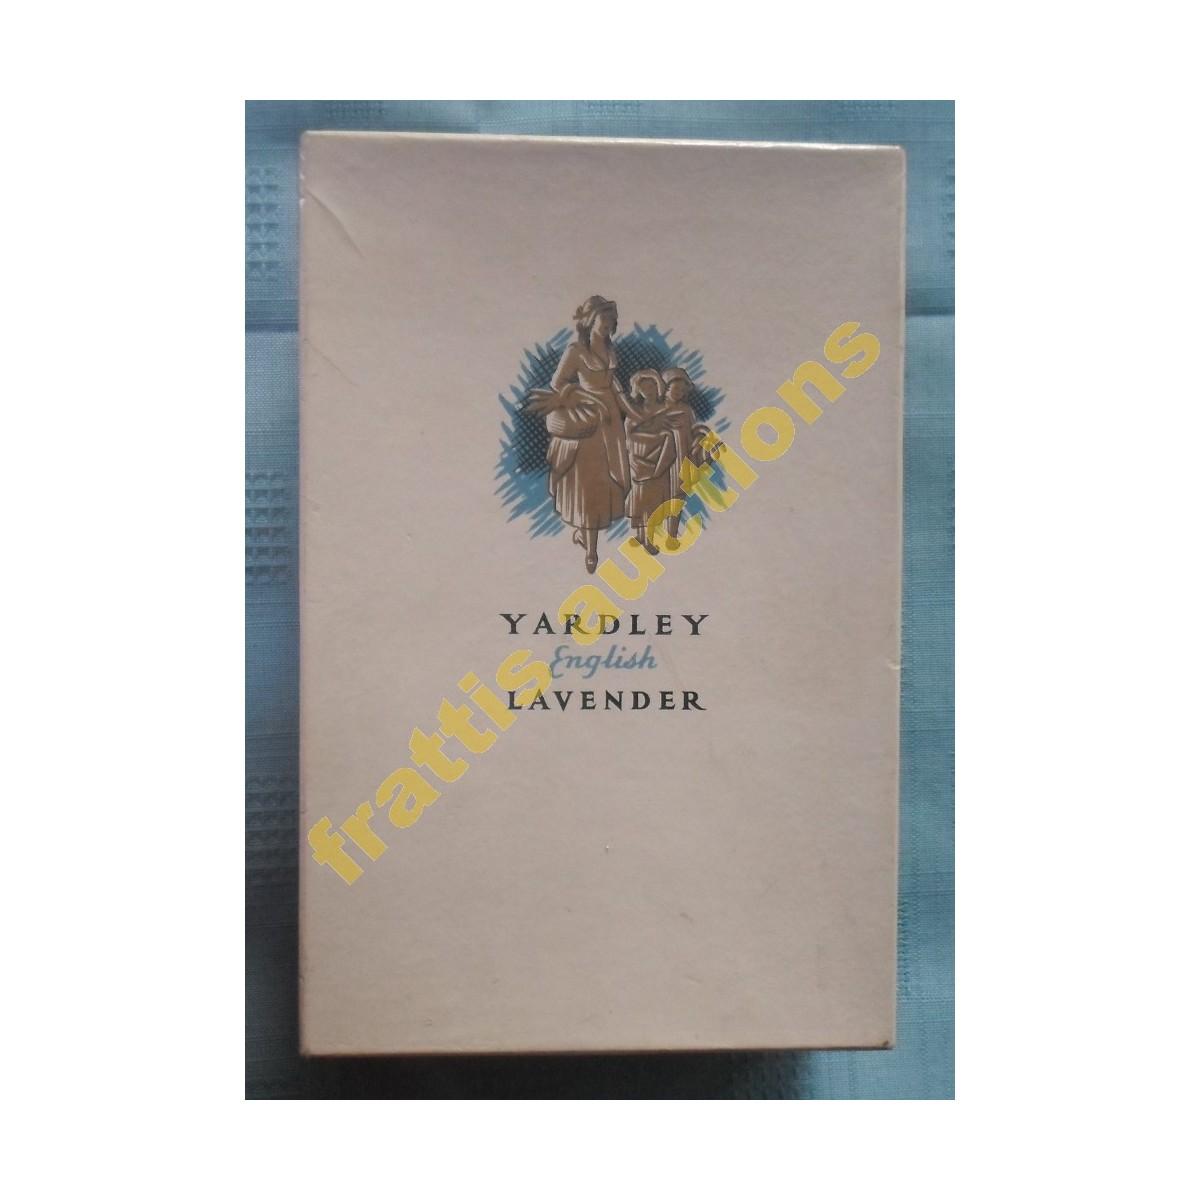 Χάρτινο κουτί Yardley English lavender.